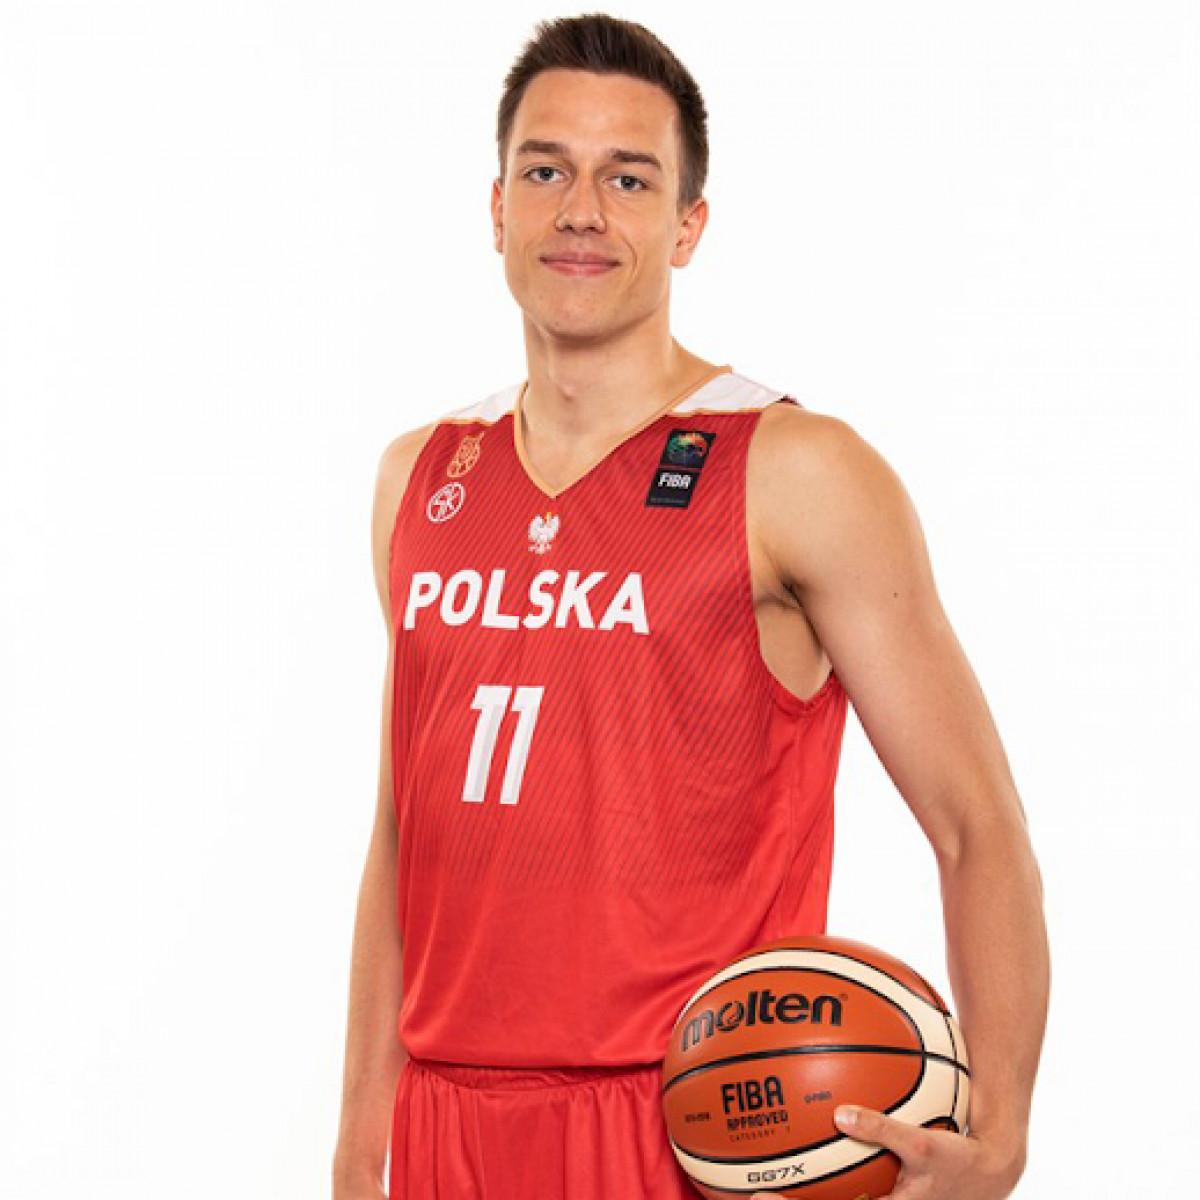 Photo of Grzegorz Kaminski, 2019-2020 season